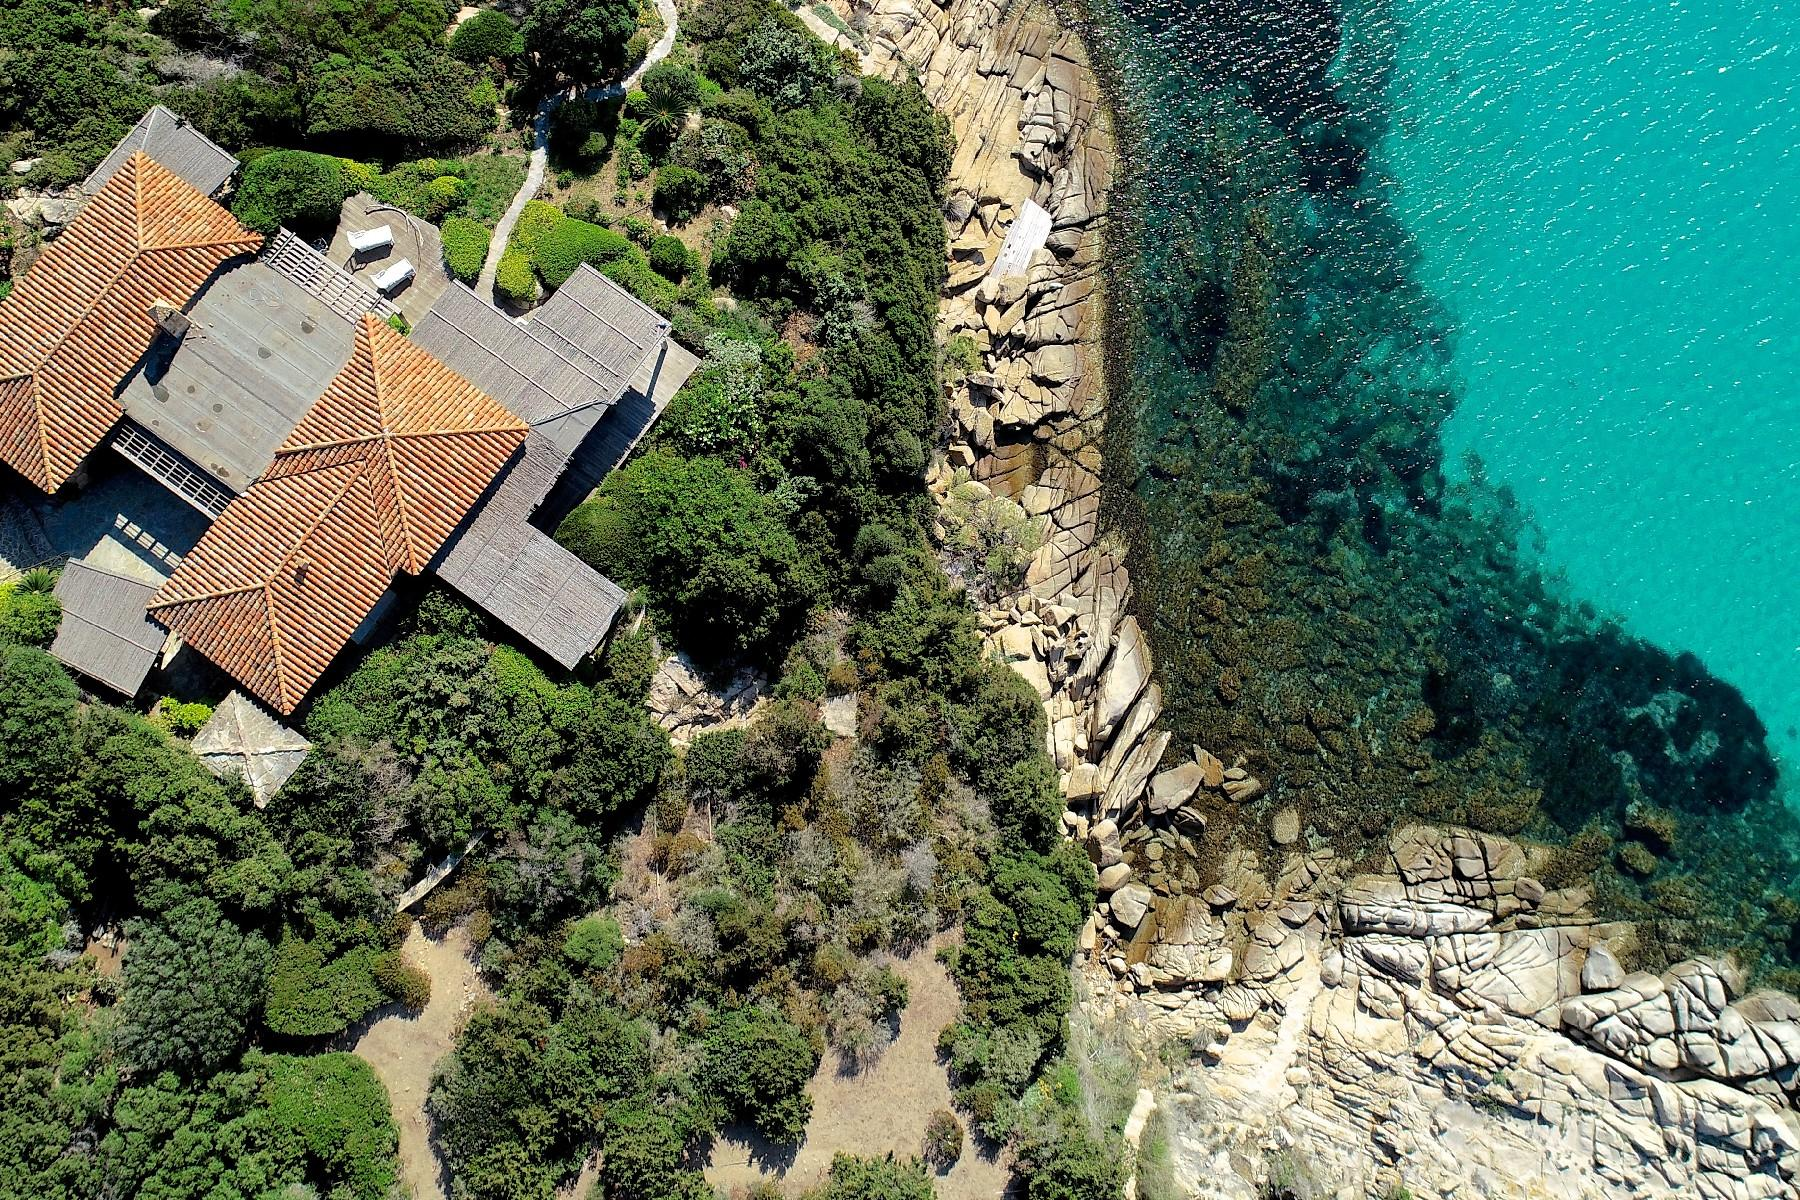 Cavallo Island, Corsica - Secluded villa with breathtaking seaview - 20